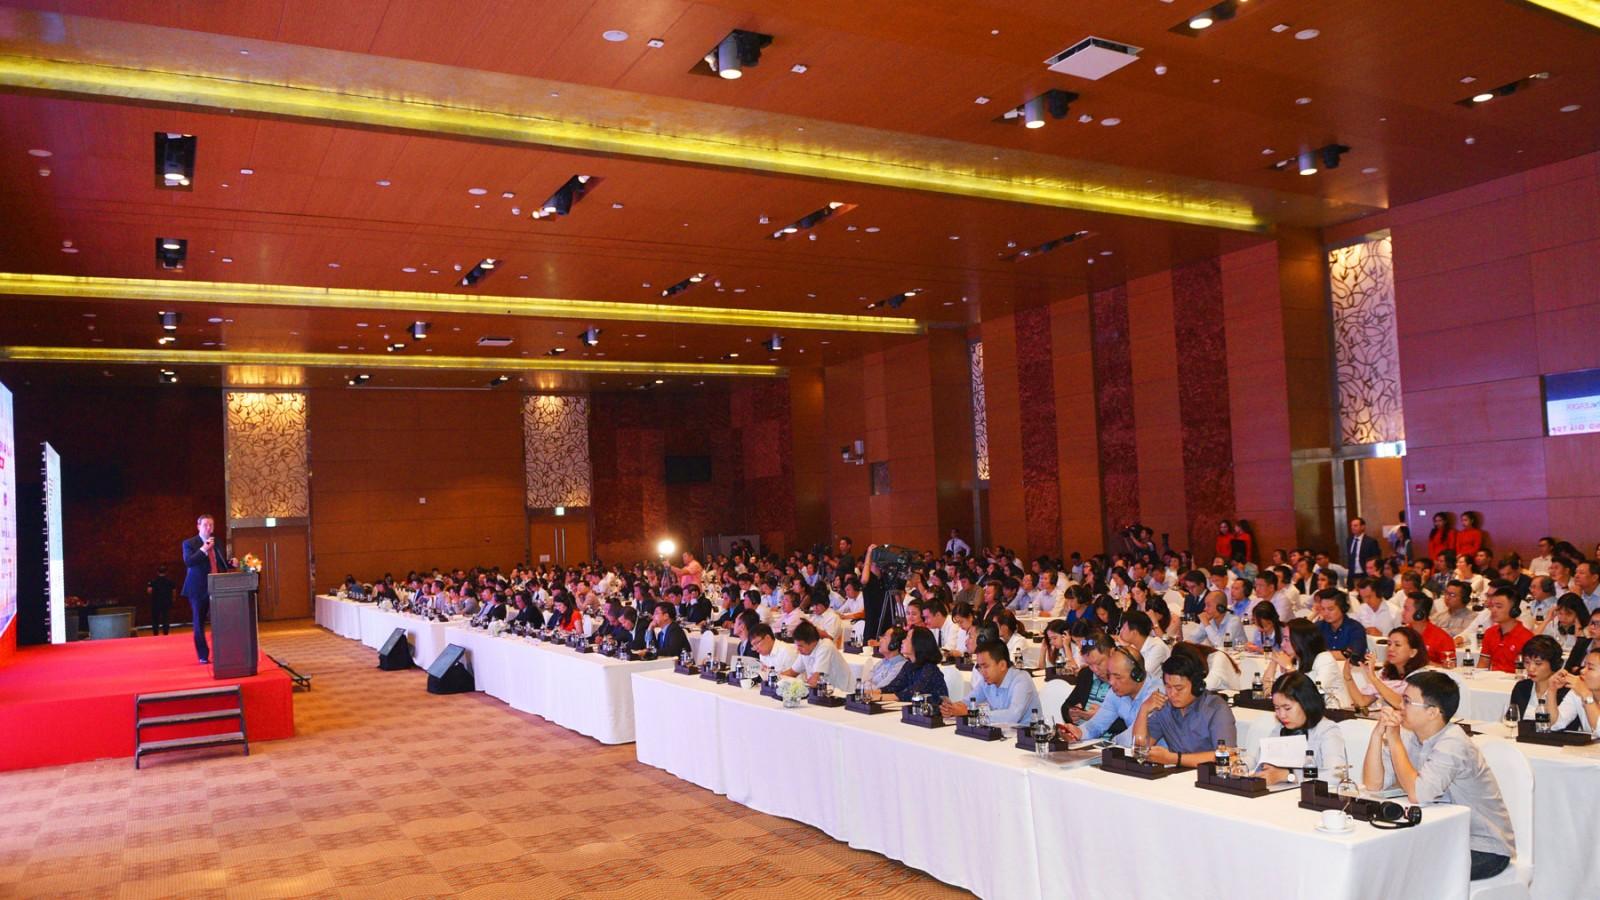 Hội thảo thu hút sự quan tâm tham dự của hơn 500 người là các nhà quản lý, nhà phân tích và nhà kinh doanh bất động sản